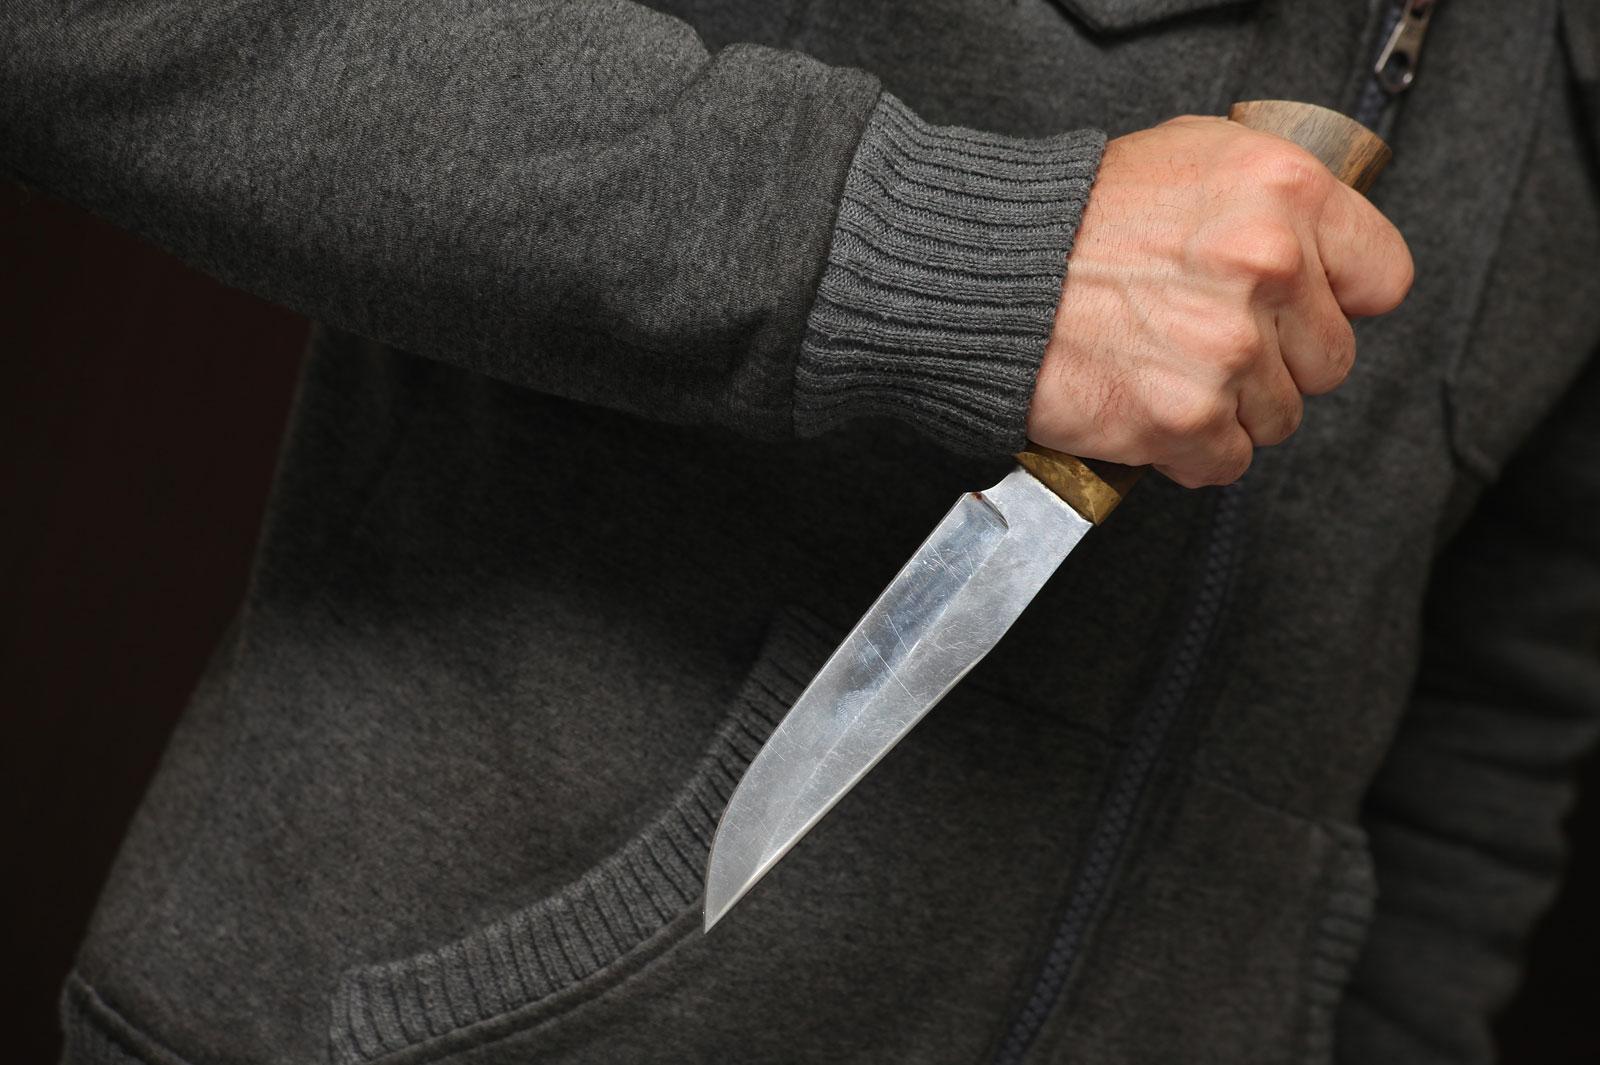 В Орске пьяный мужчина бросился с ножом на медиков